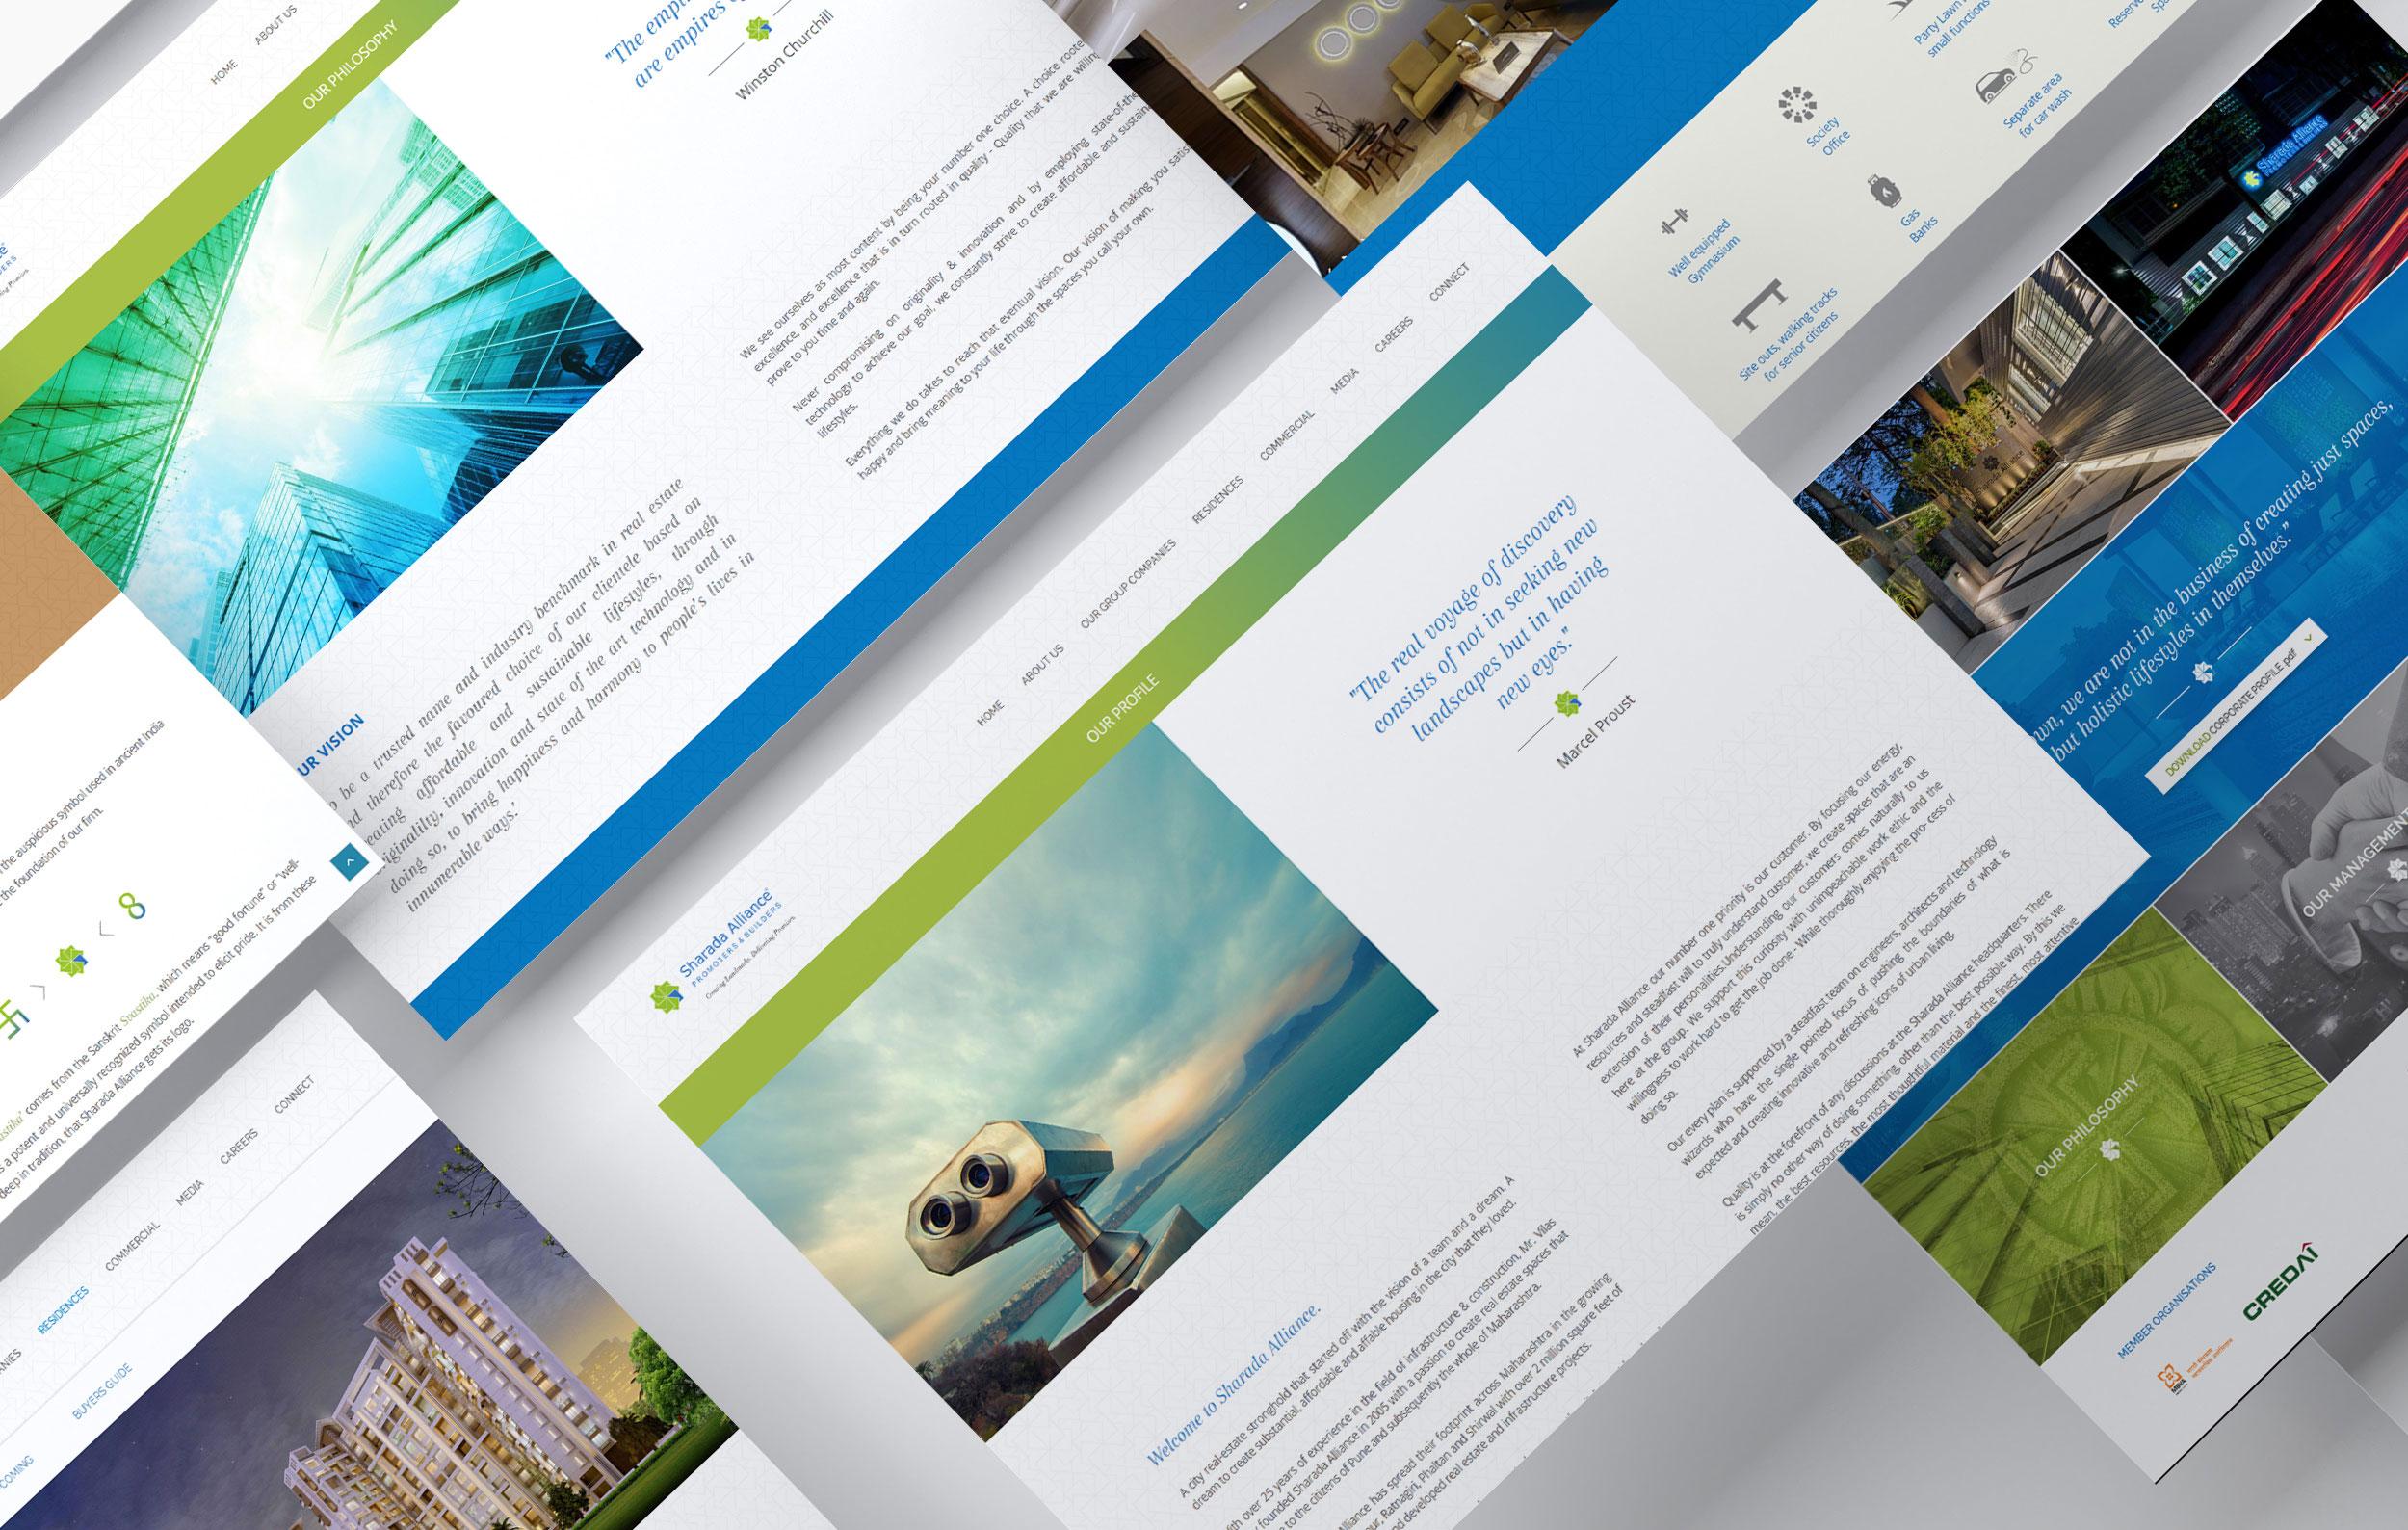 Web Design Project Details